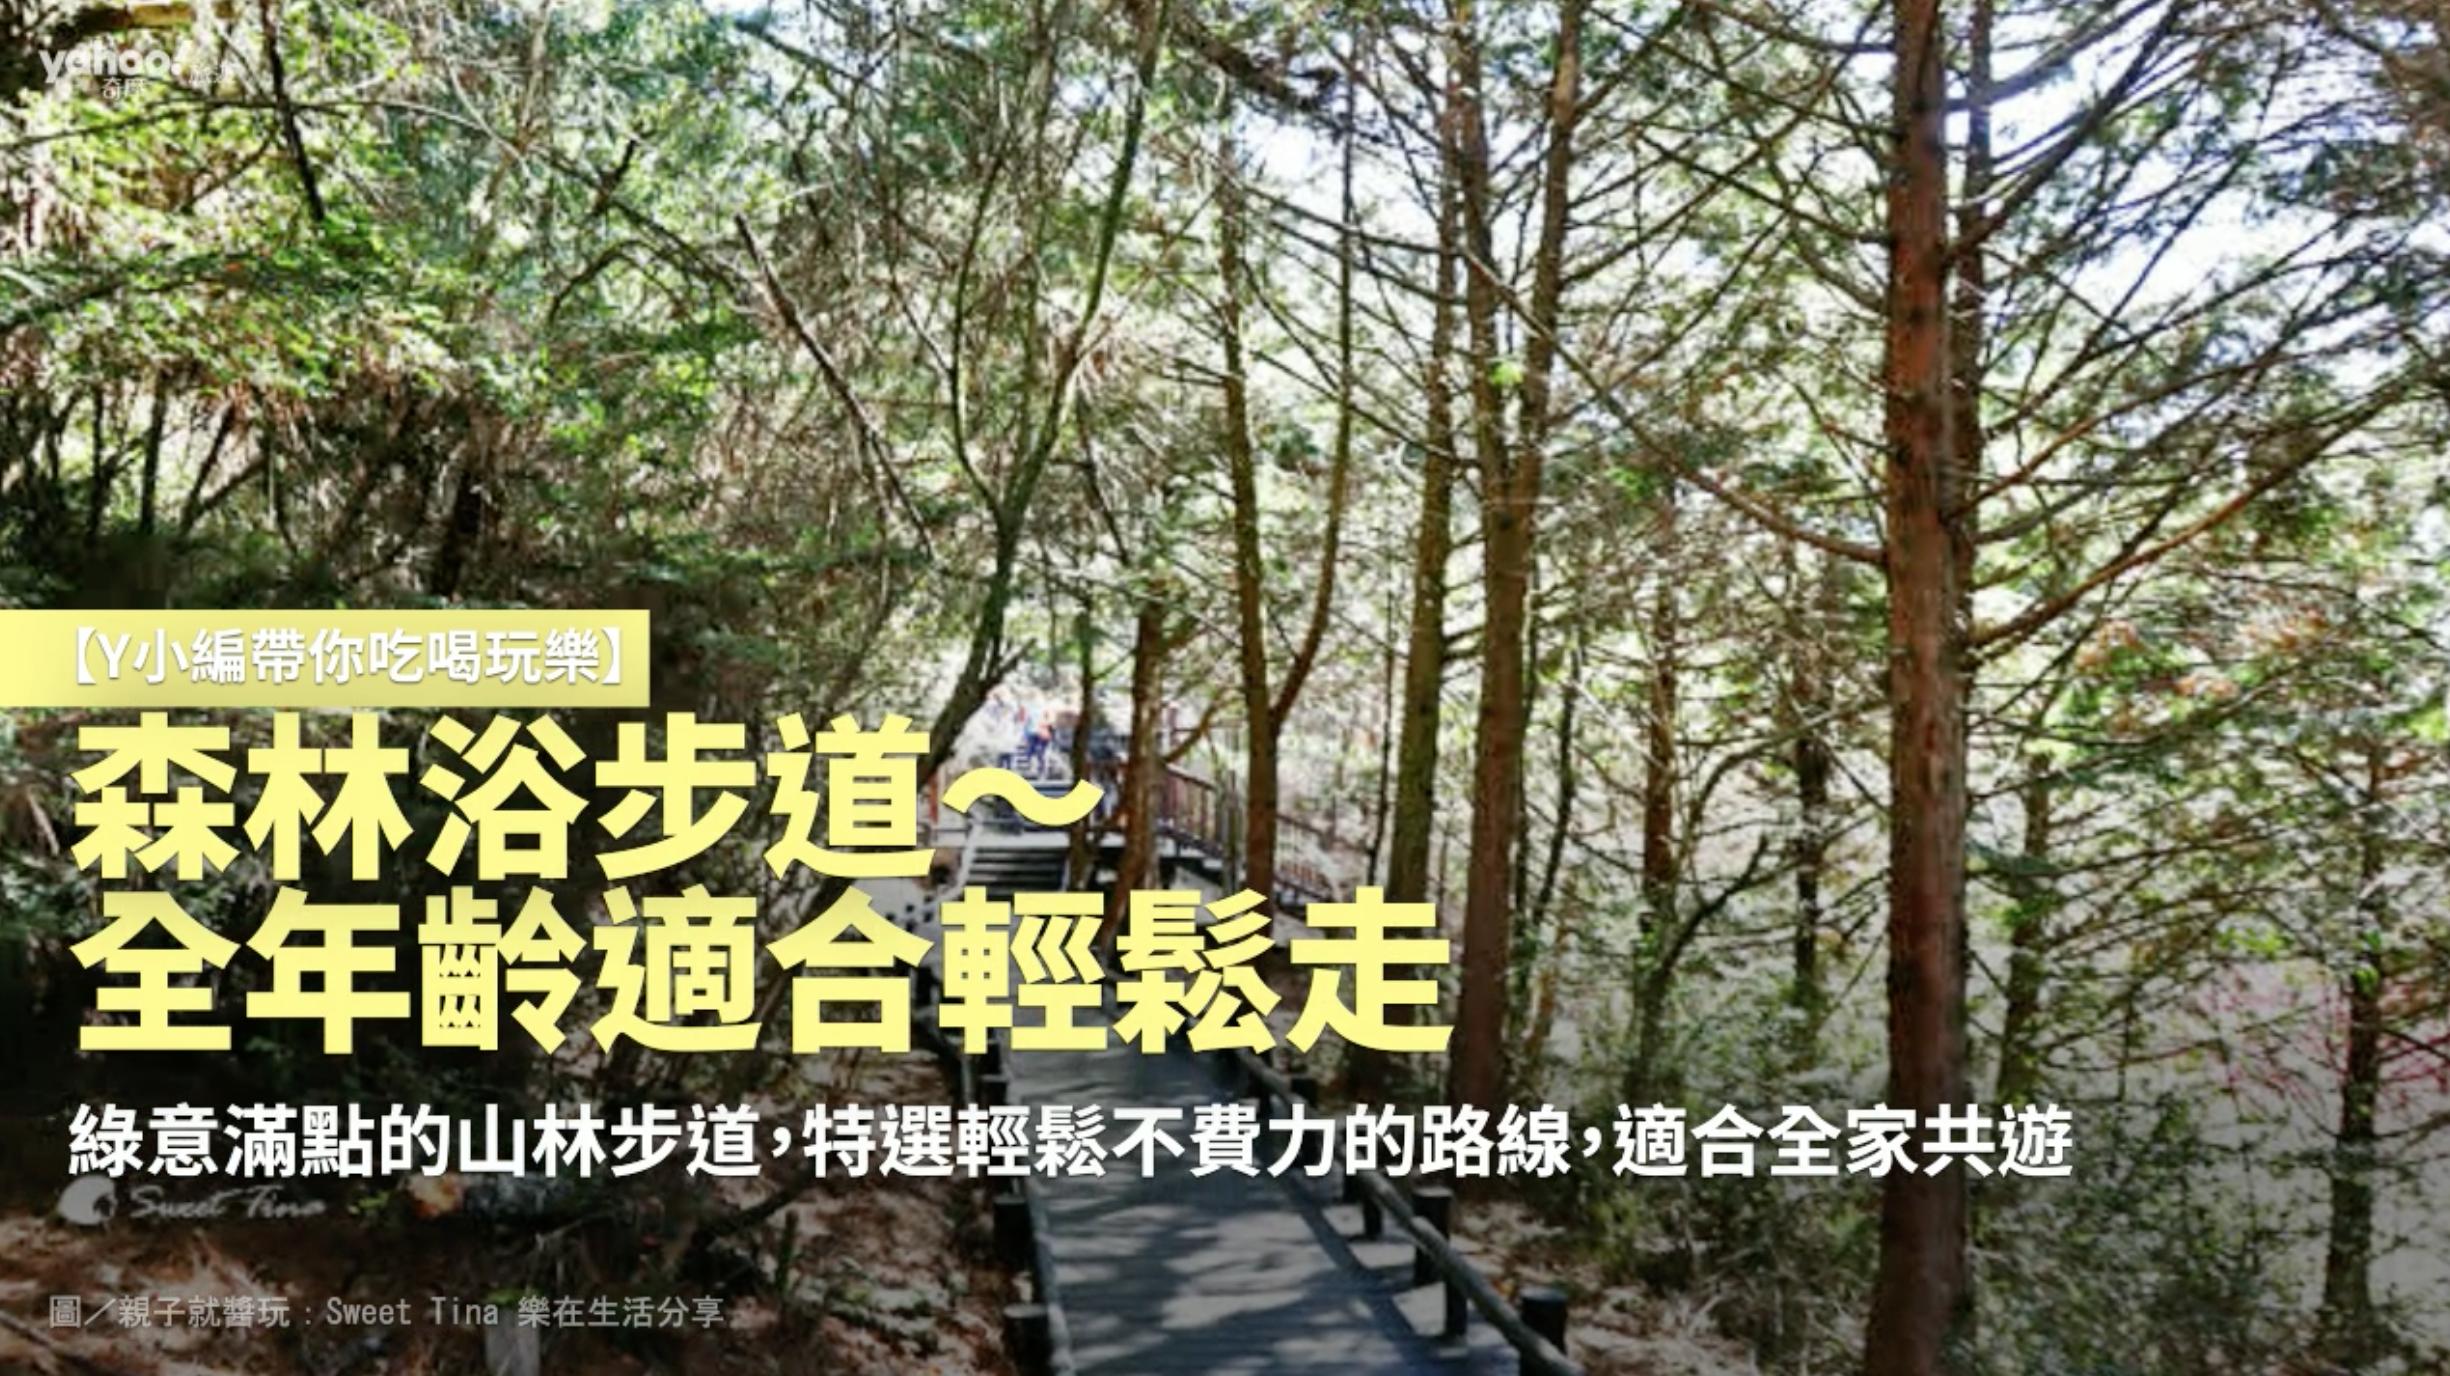 【Y小編帶你吃喝玩樂】森林浴步道~全年齡適合輕鬆走